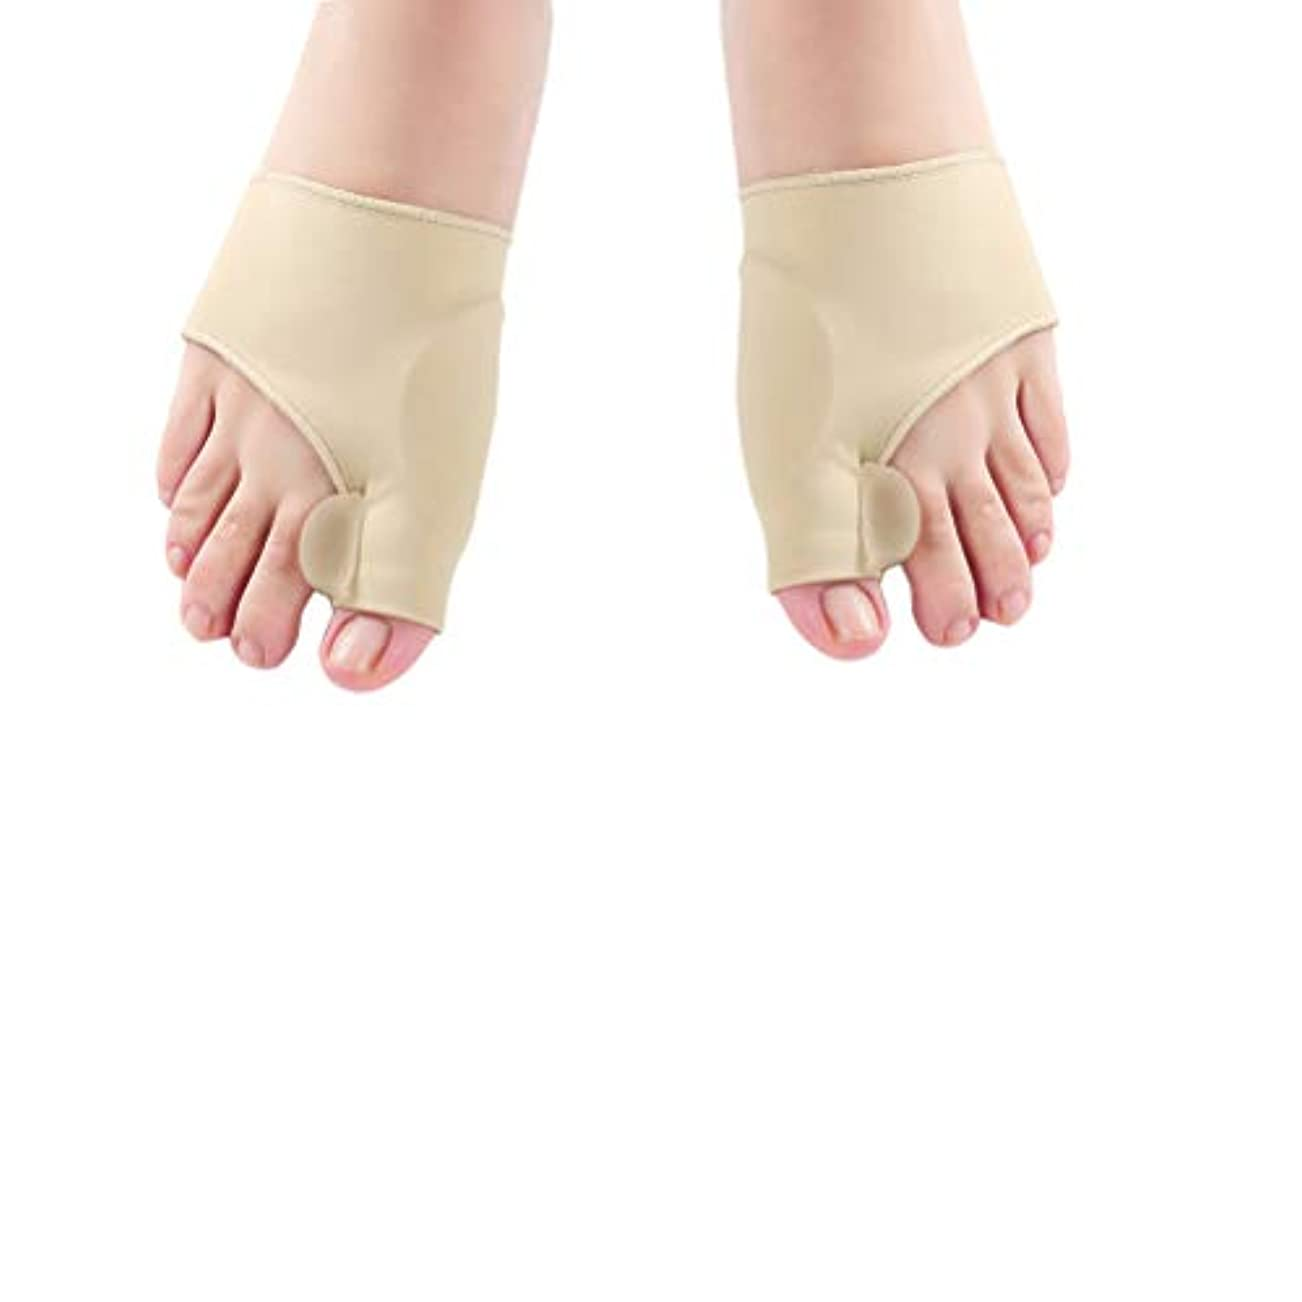 耐えられる最小化する私たちのものHealifty un補正器つま先矯正外反母趾矯正器親指整形外科用腱板副木親指分離器鎮痛剤昼夜使用 - サイズs(カーキ)